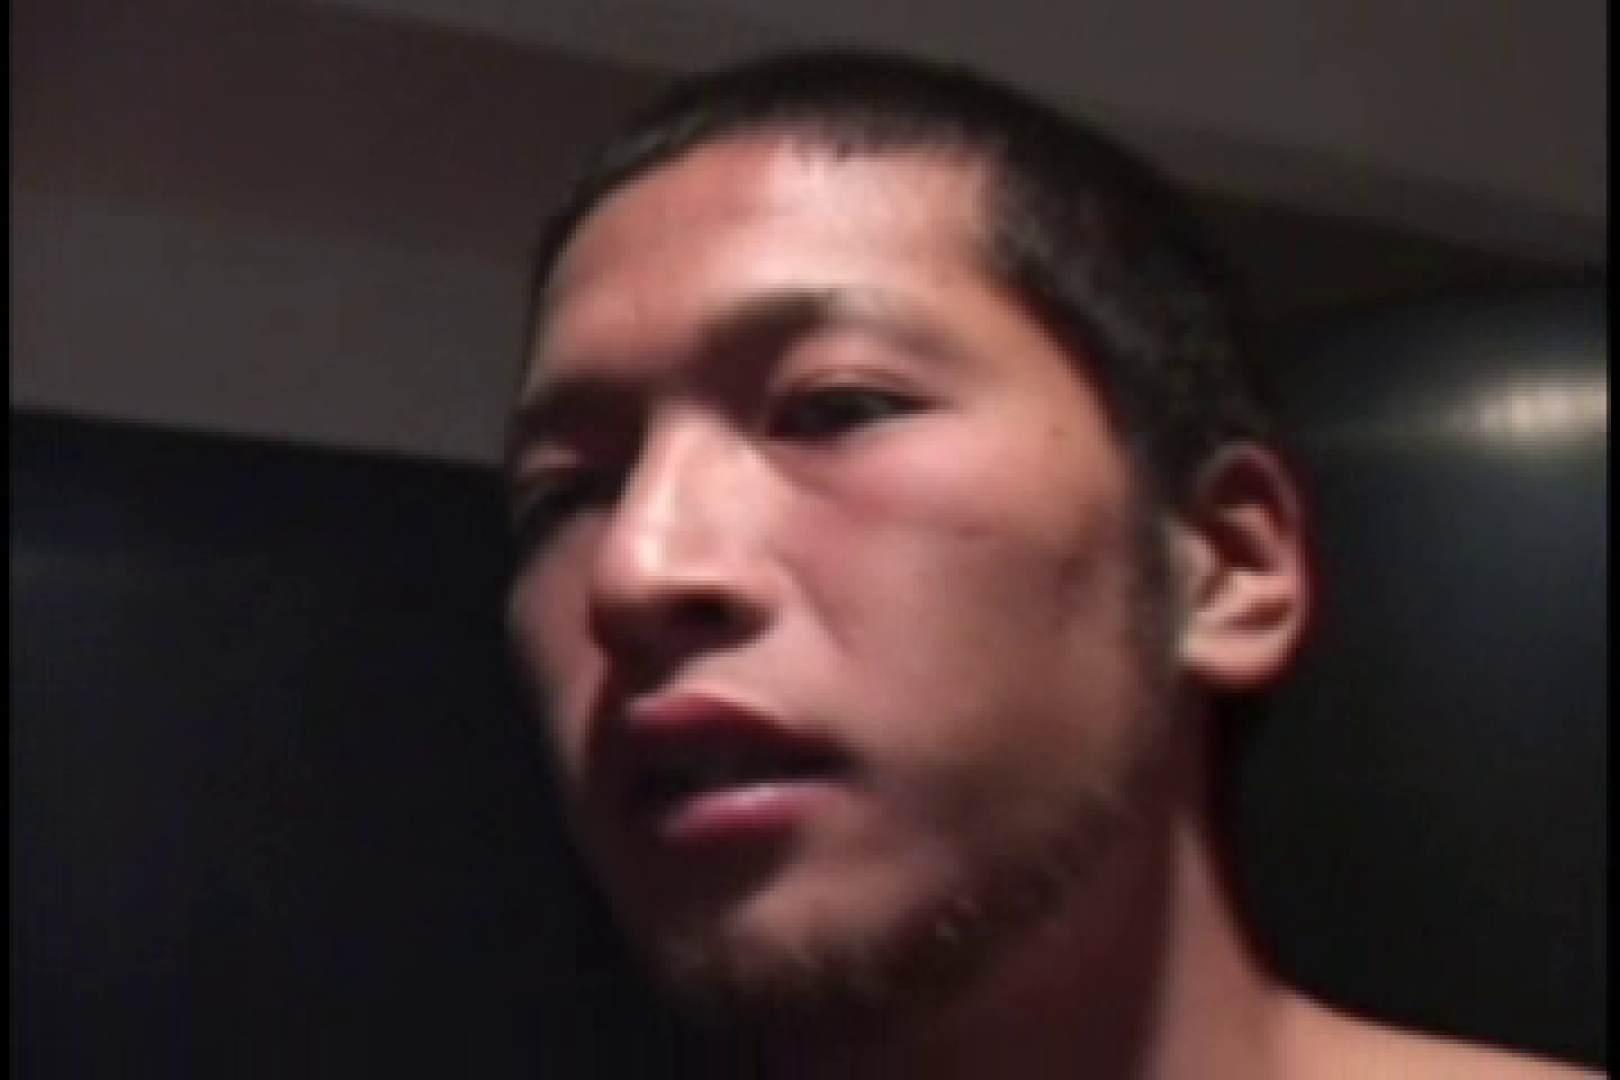 スリ筋!!スポメンのDANKON最高!!take.05 ノンケ  76pic 18